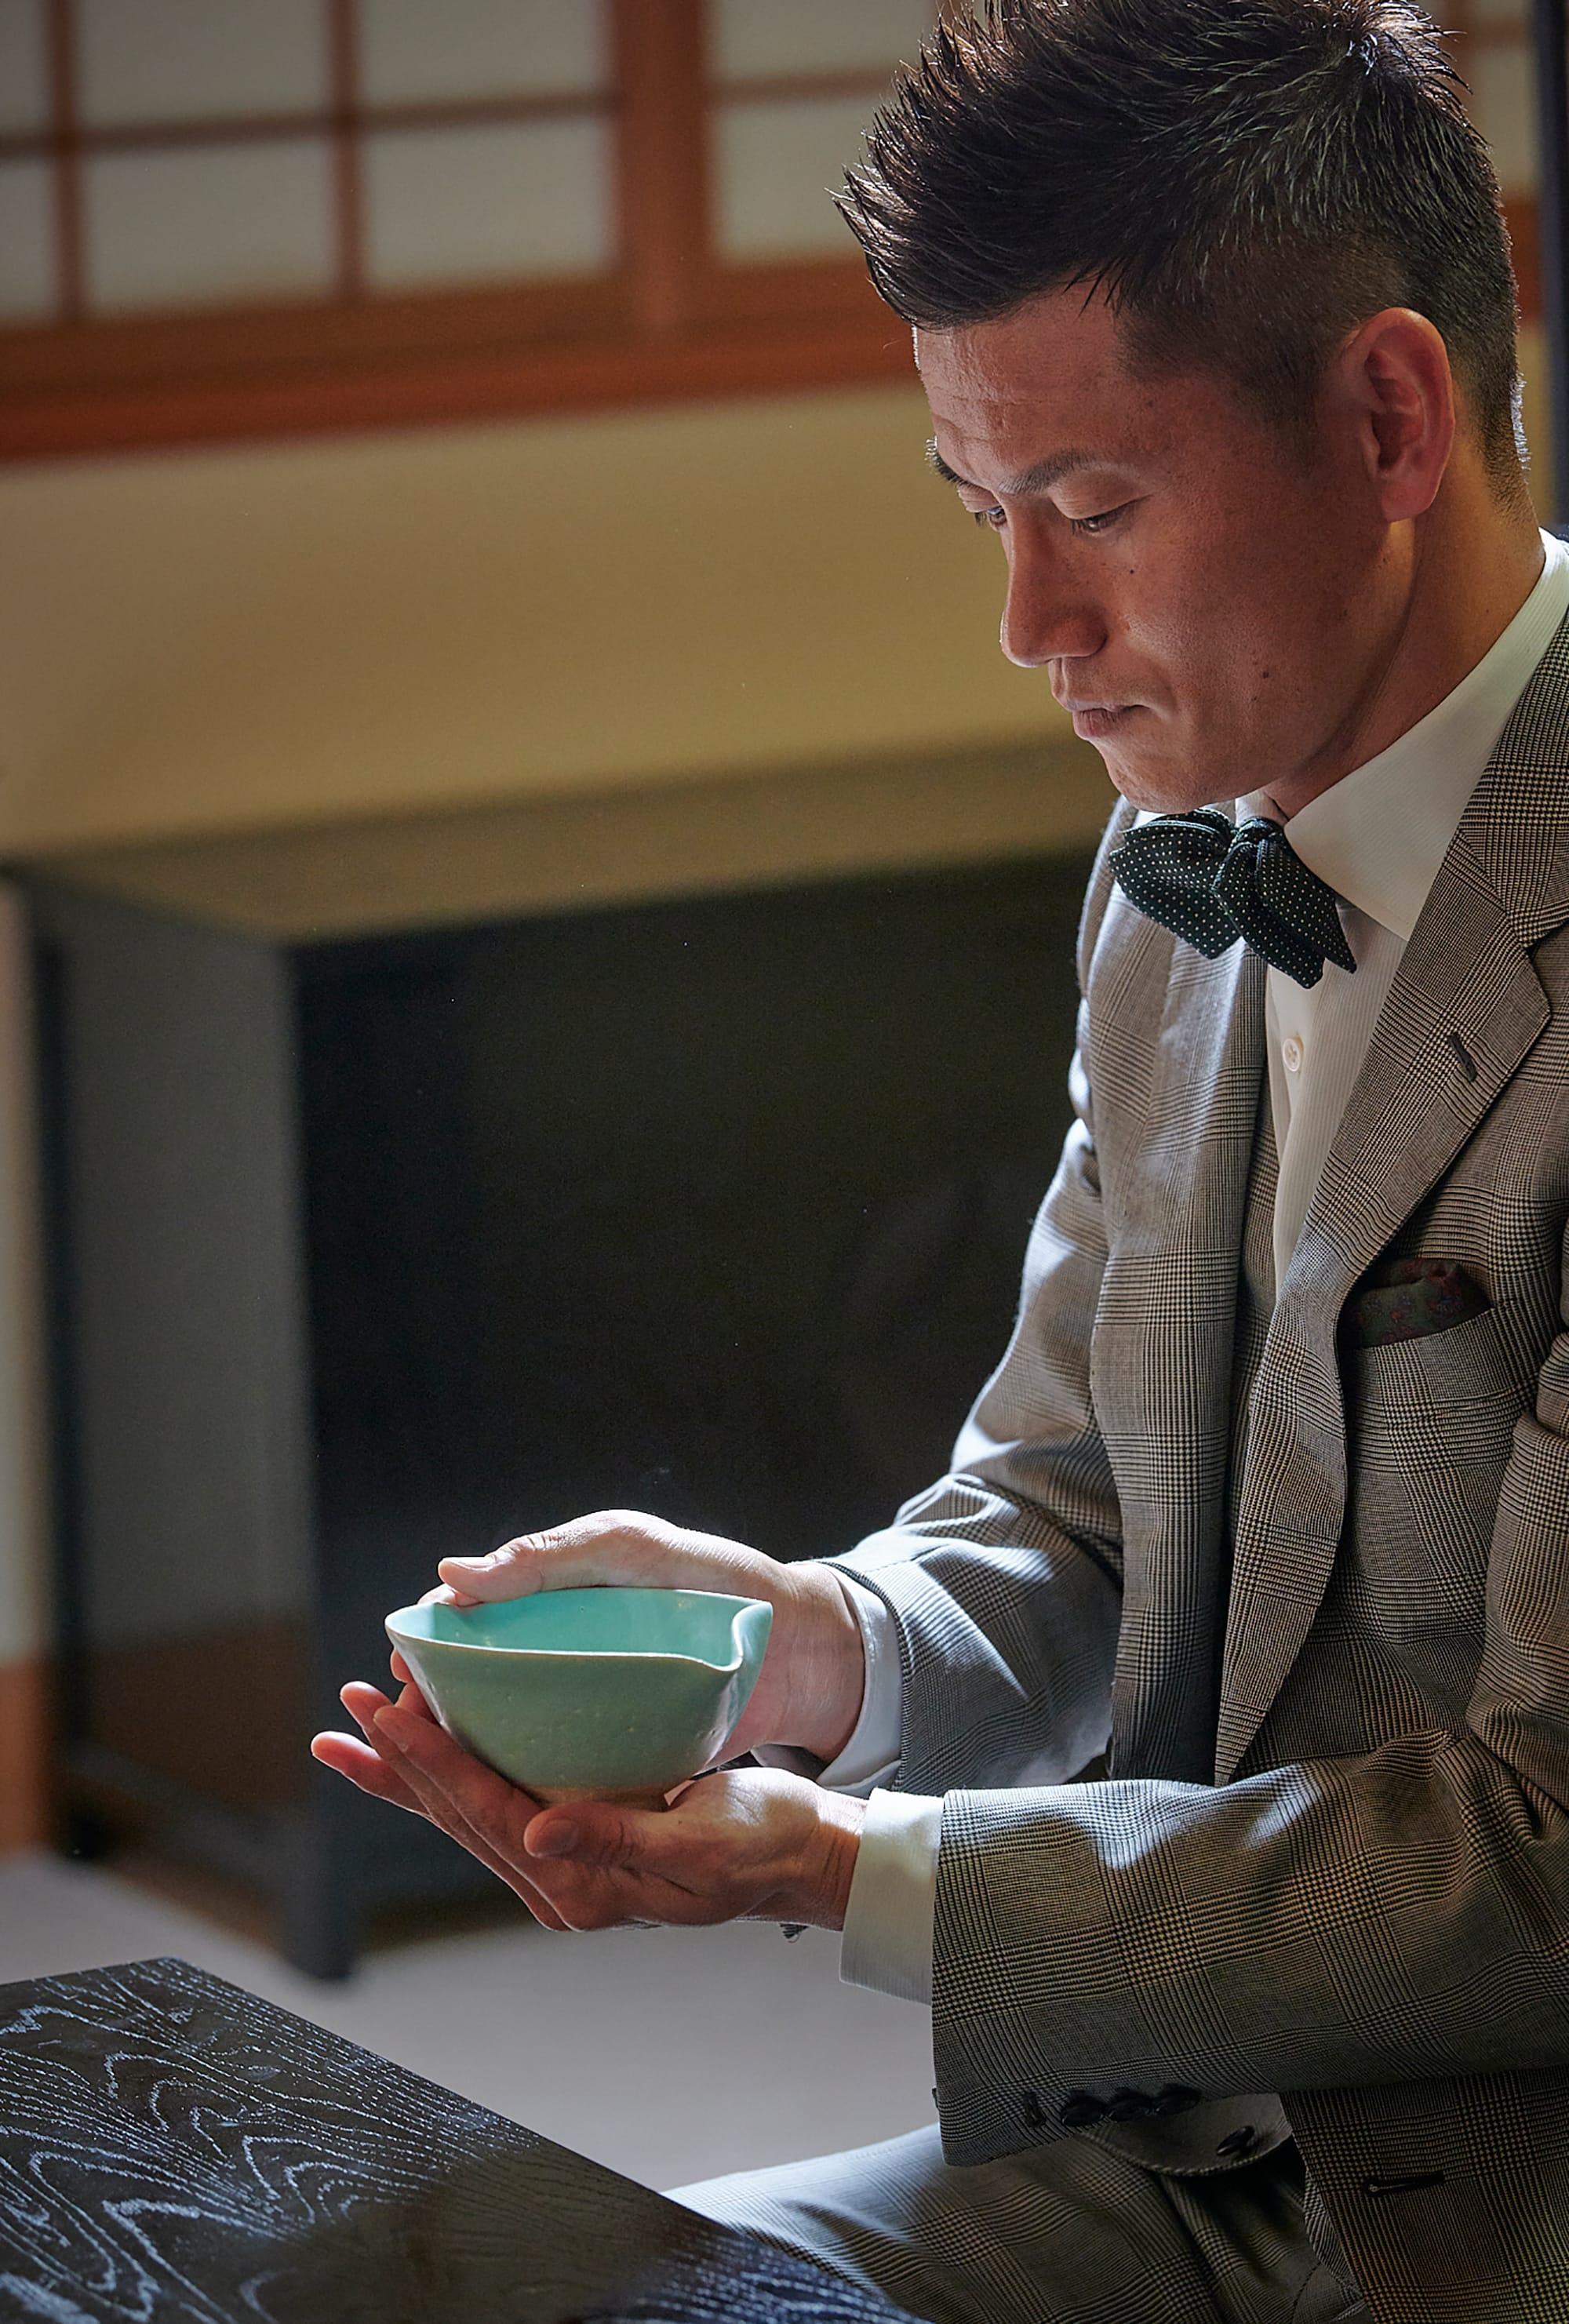 播戶品嚐金(正奎)所點的茶。同時感受的緊張感與舒暢感。